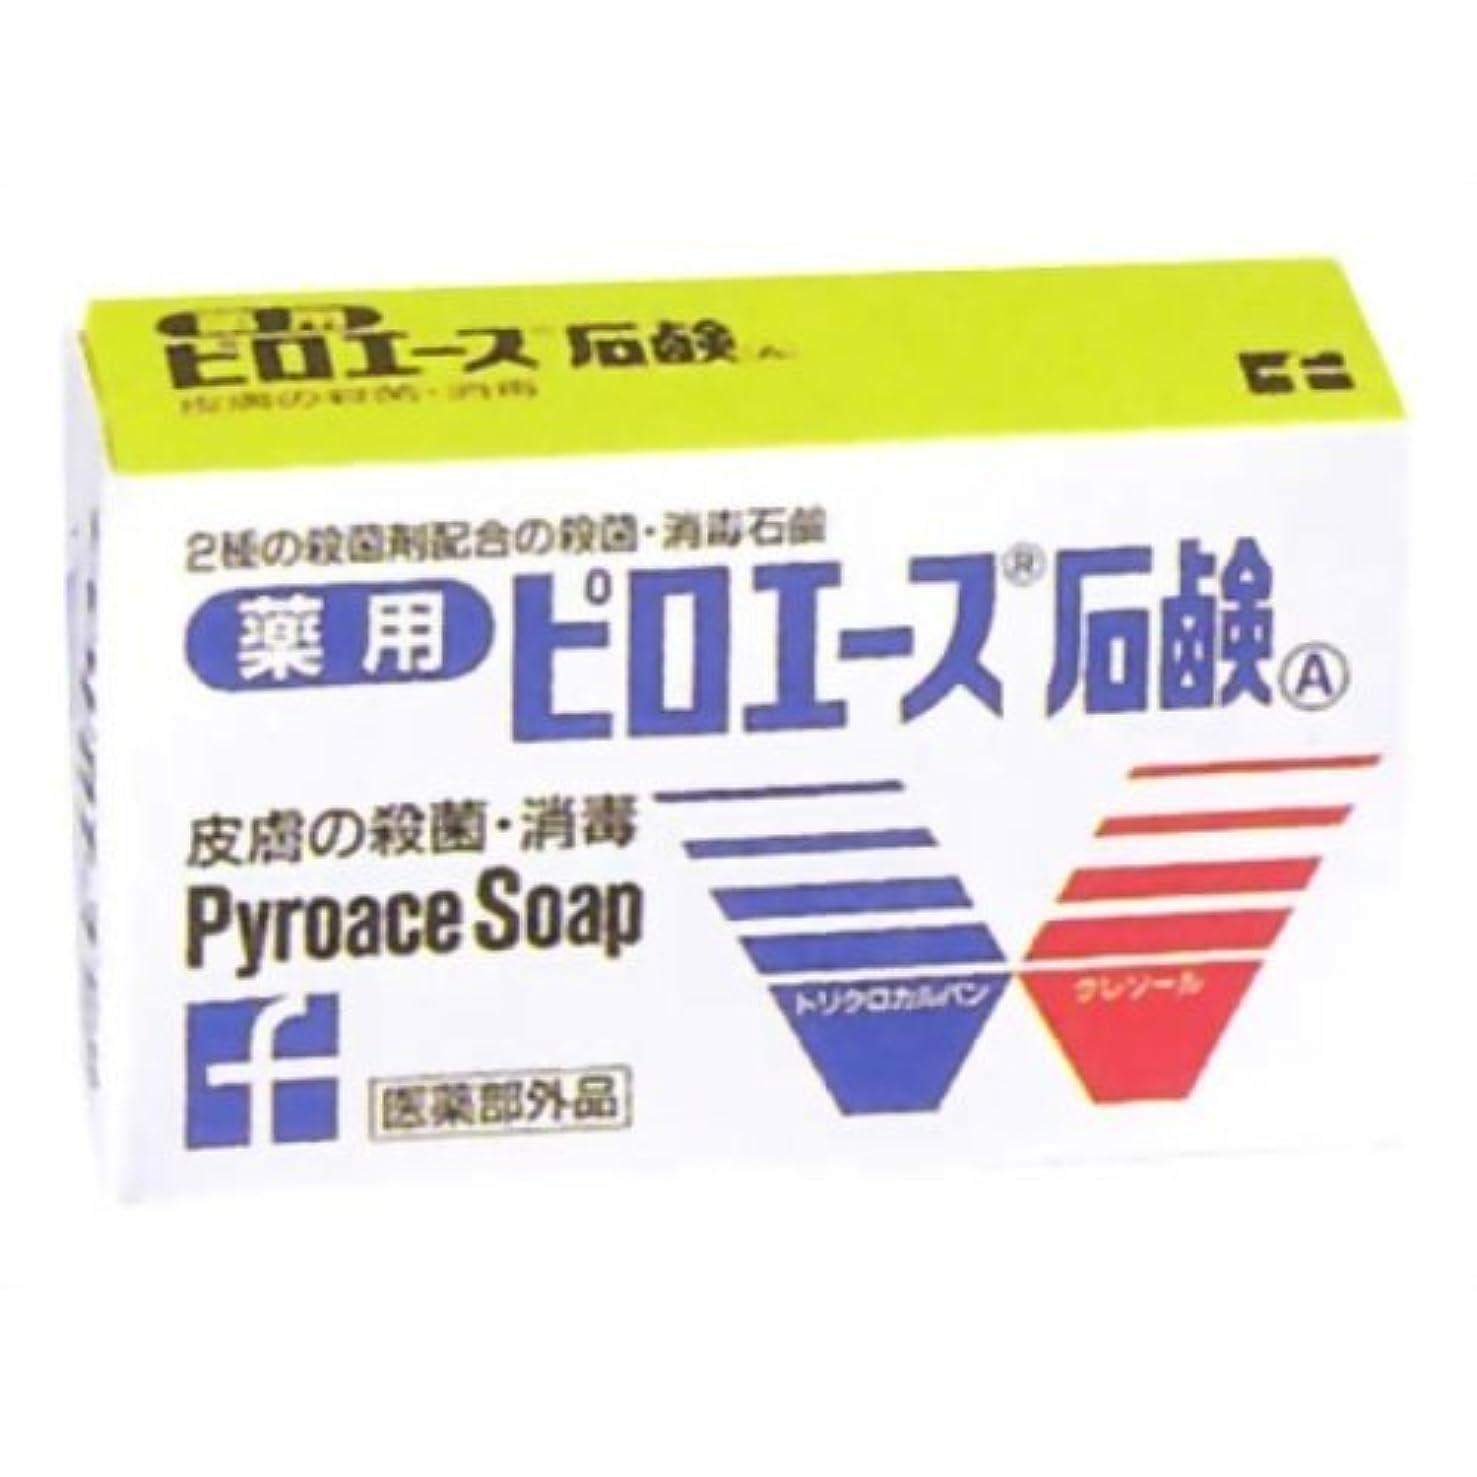 乳エッセンスリングレット【第一三共ヘルスケア】ピロエース石鹸 70g